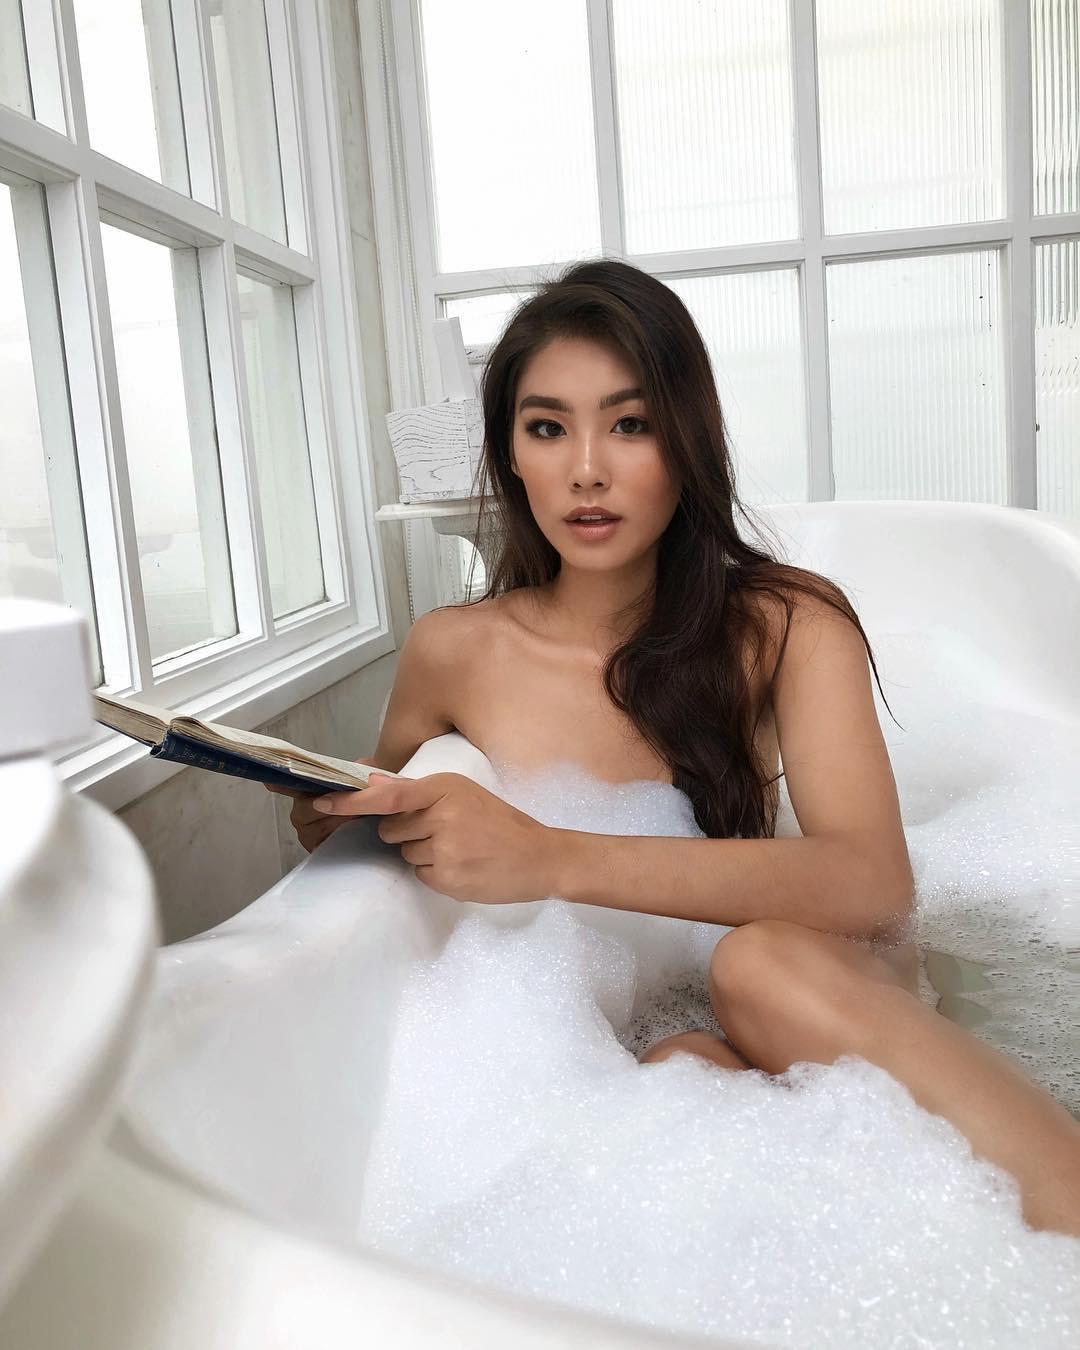 Khi bồn tắm là phụ kiện đọ độ chanh xả của hot girl: Người hở bạo, kẻ kín đáo nhưng vẫn khó phân định ai sexy hơn - Ảnh 3.